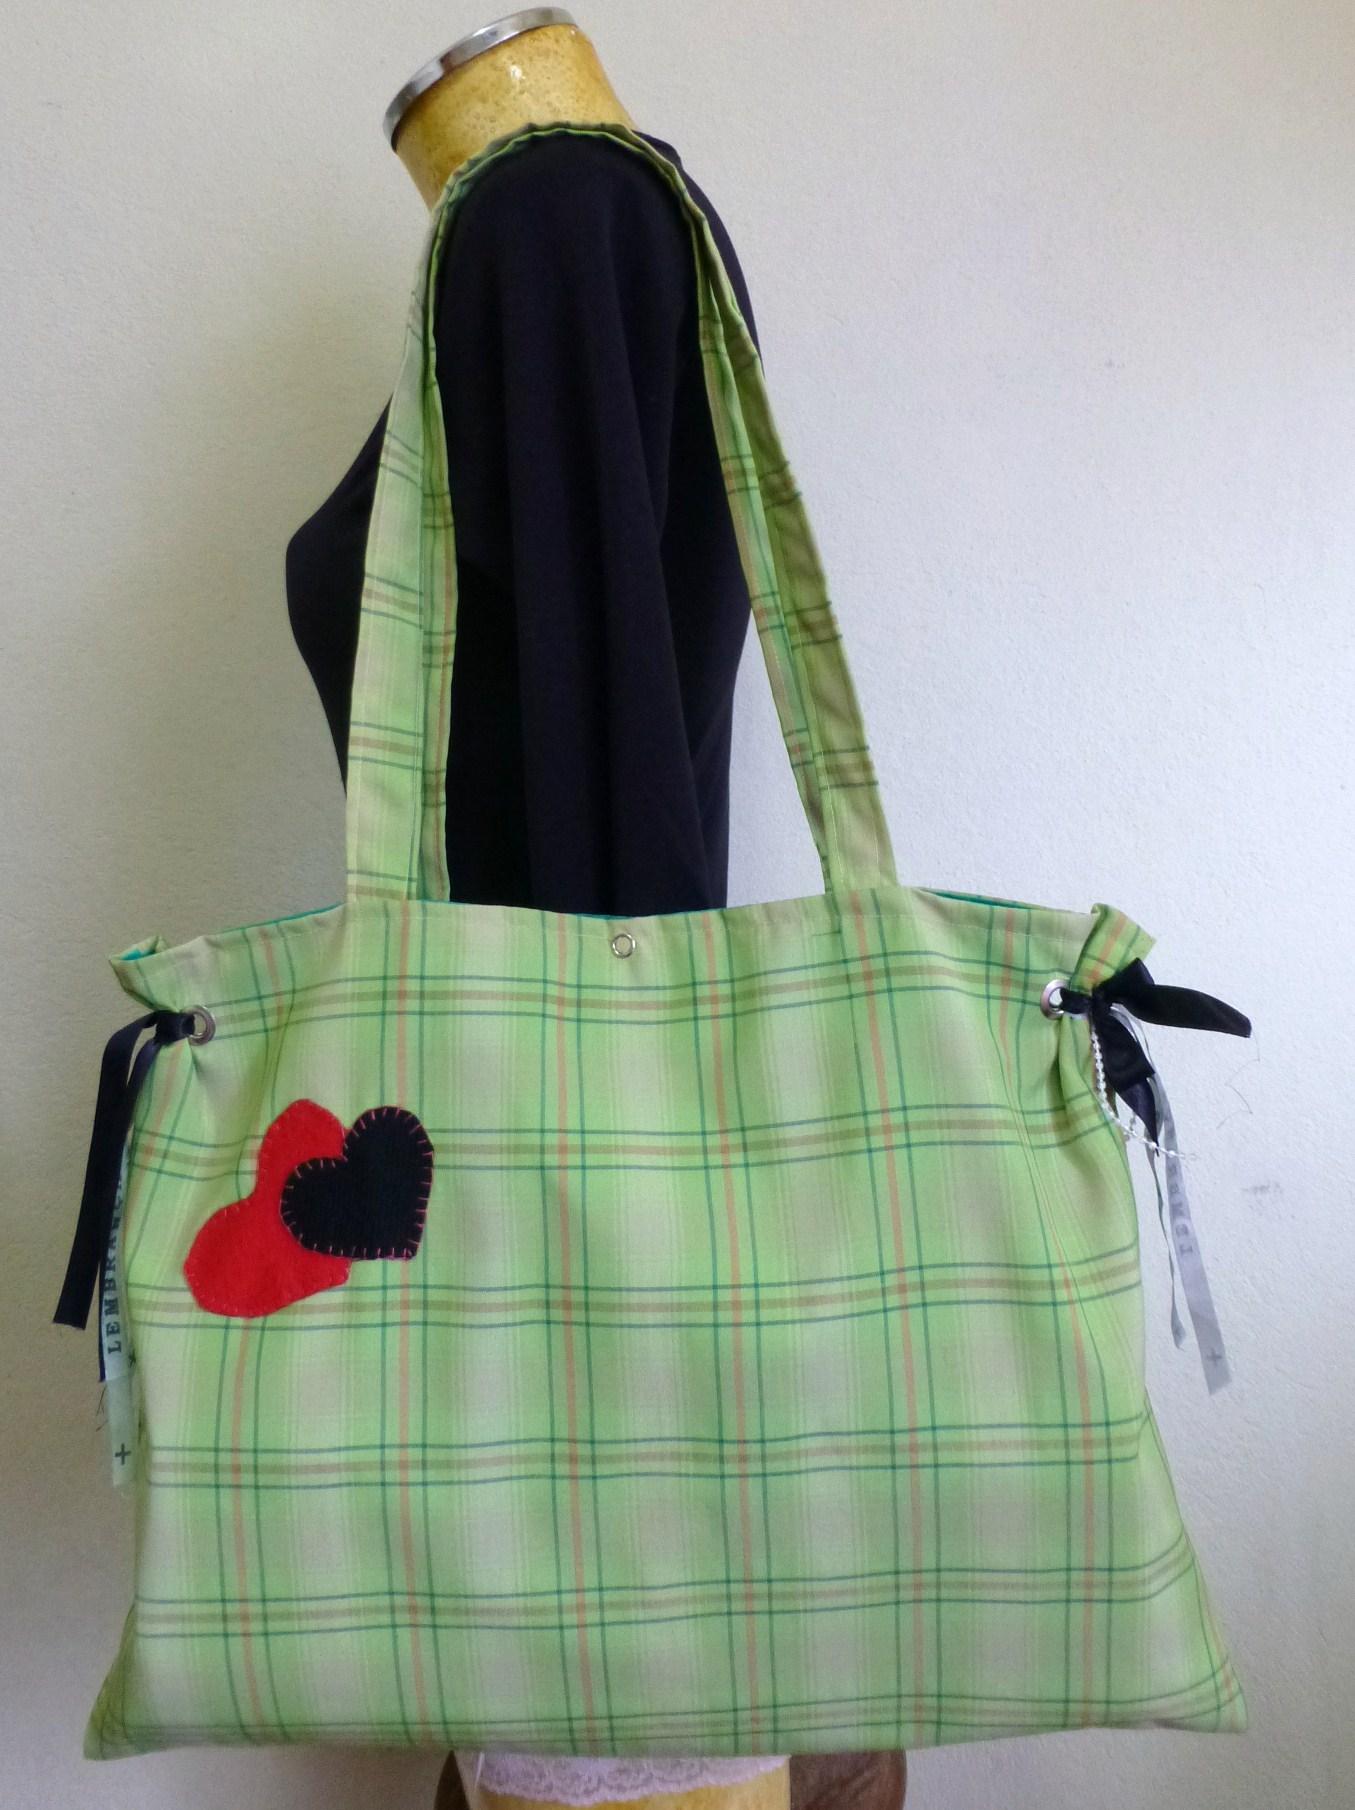 Bolsa De Tecido Quiltada : Bolsa tecido verde xadrez lovely lolla elo